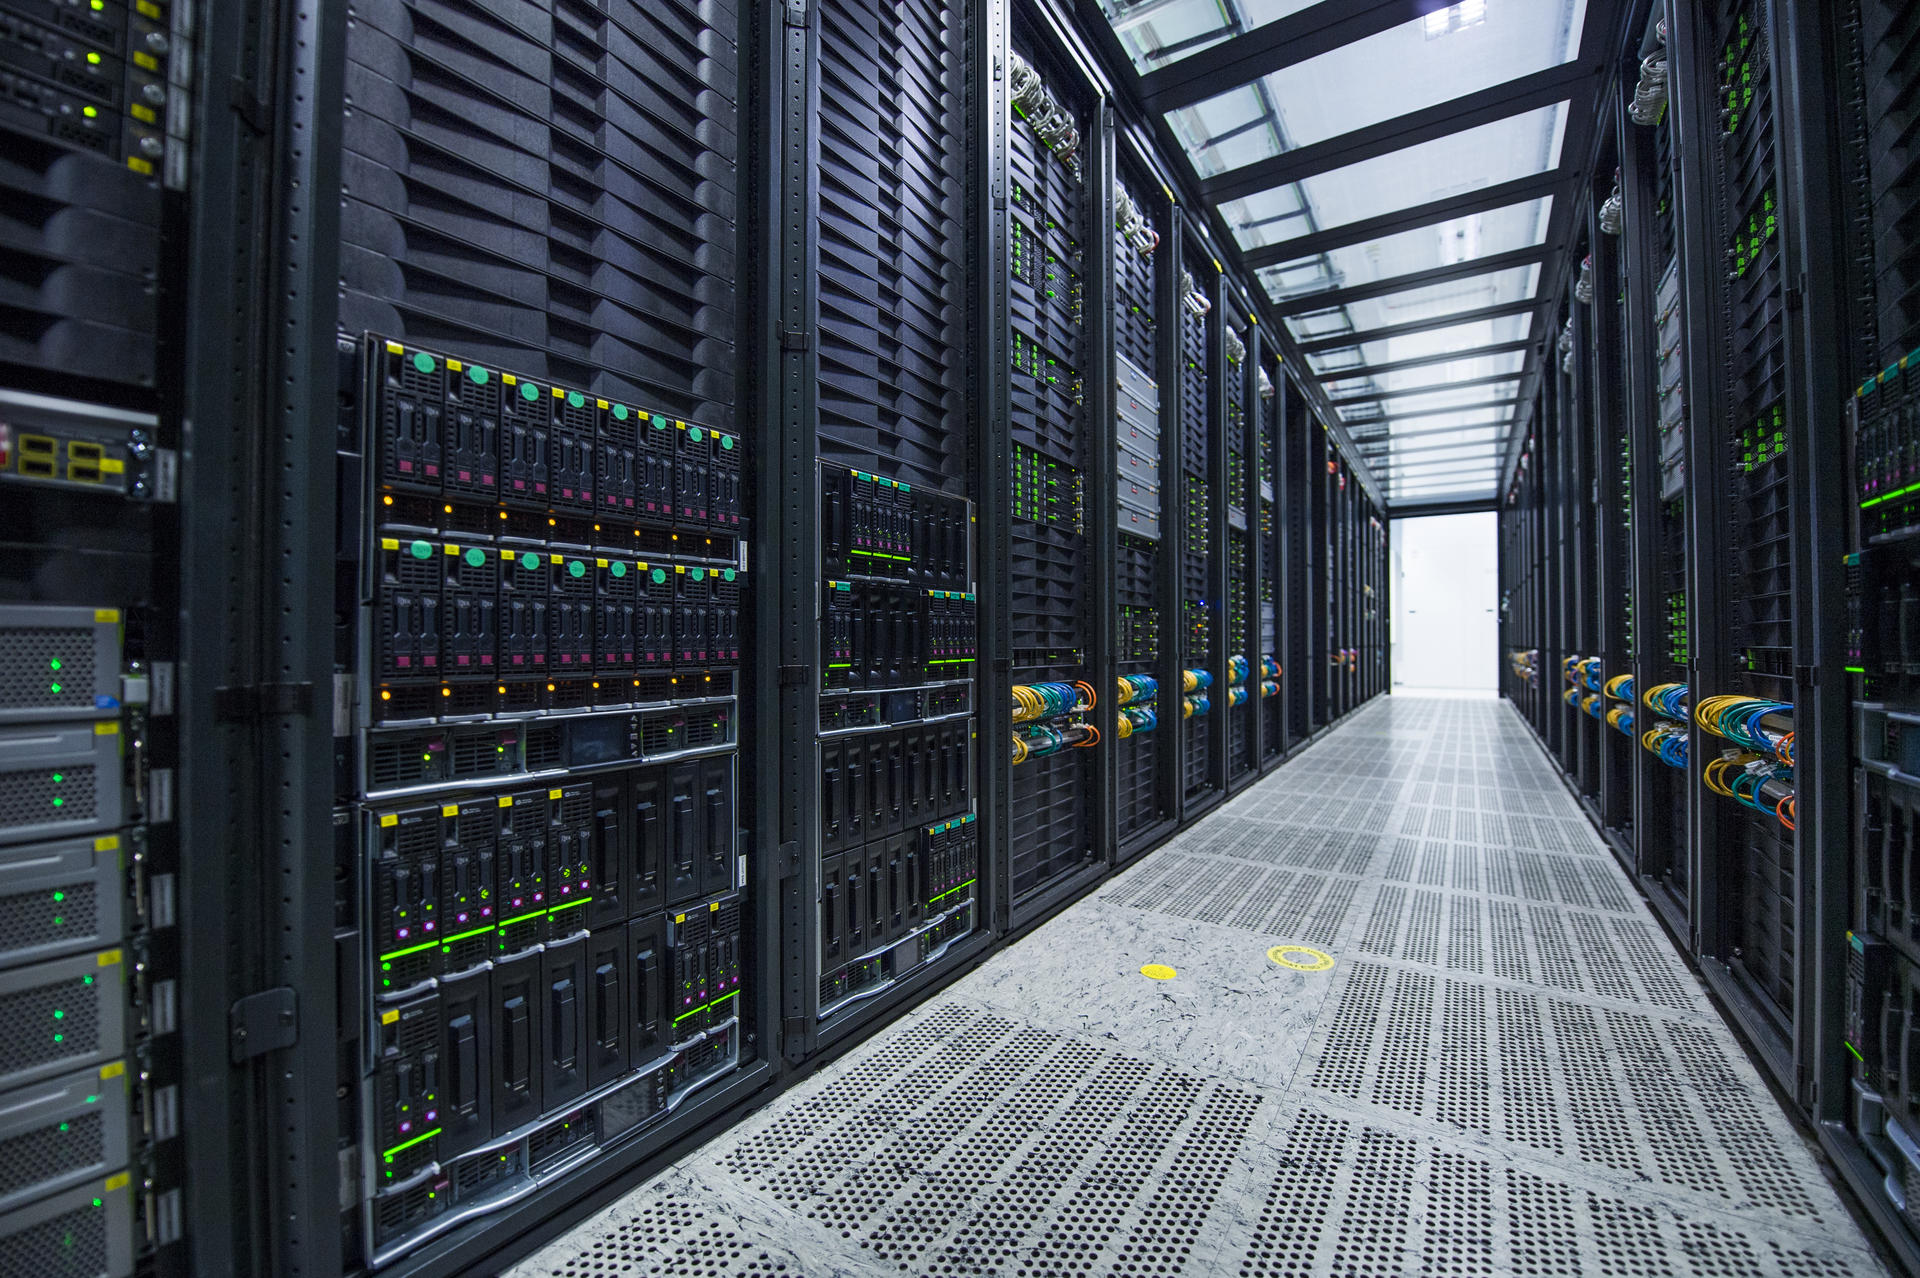 Kamień milowy w rozwoju ośrodków data center – nowy system operacyjny i narzędzia Nokii dają niespotykaną dotąd zdolność do adaptacji, automatyzacji i skalowania chmury